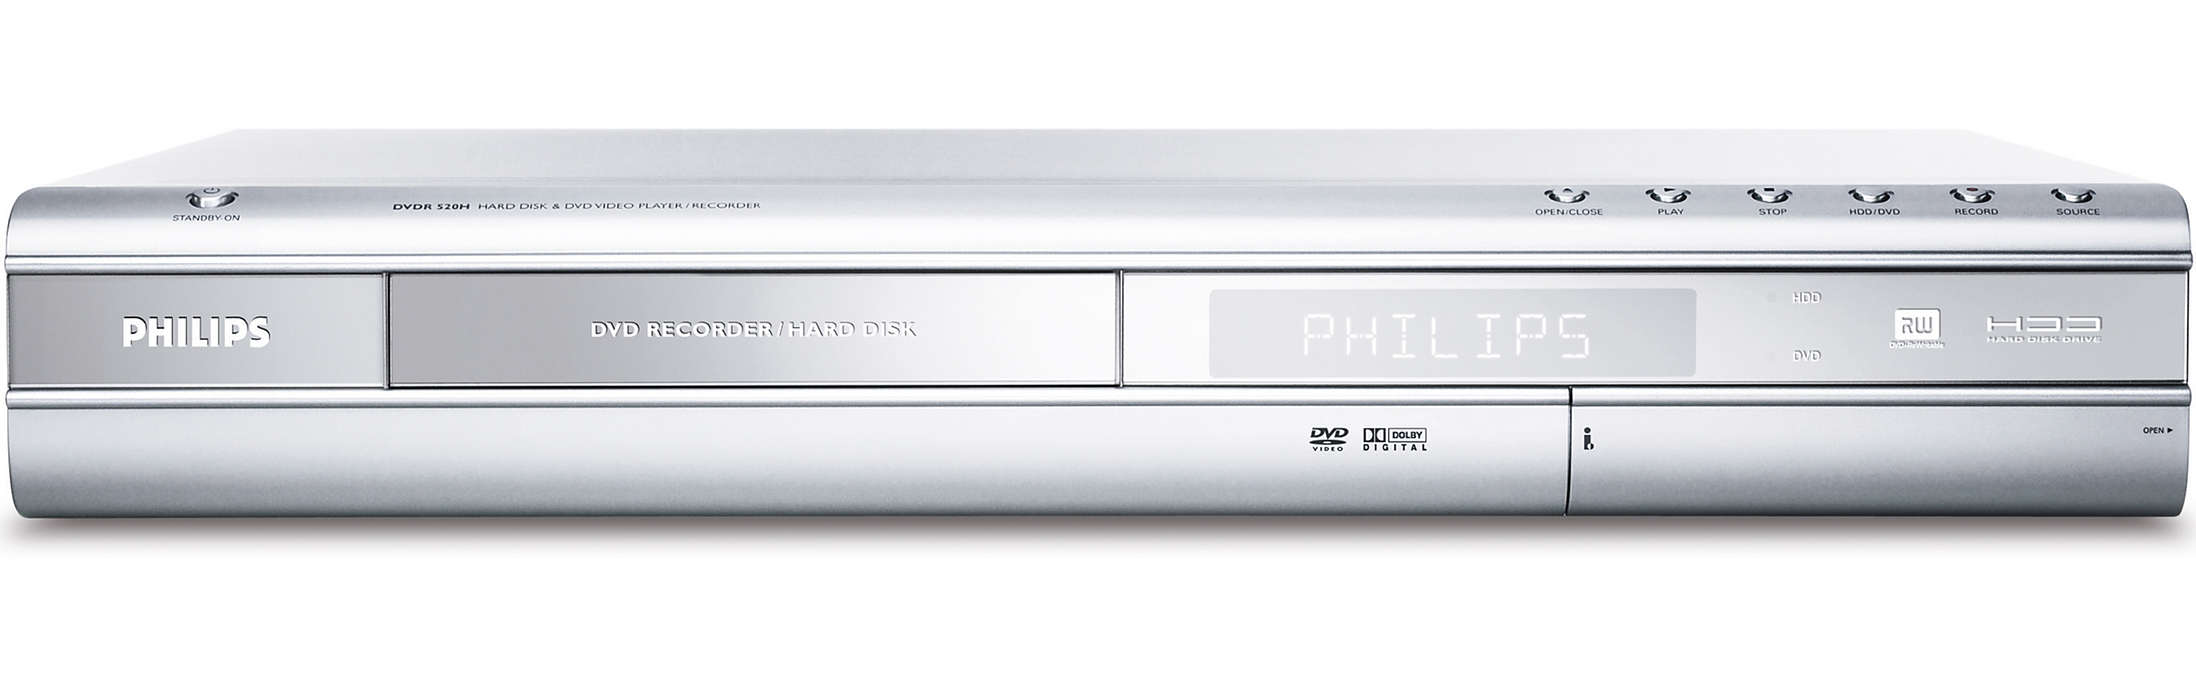 Kiintolevyllinen DVD-tallennin